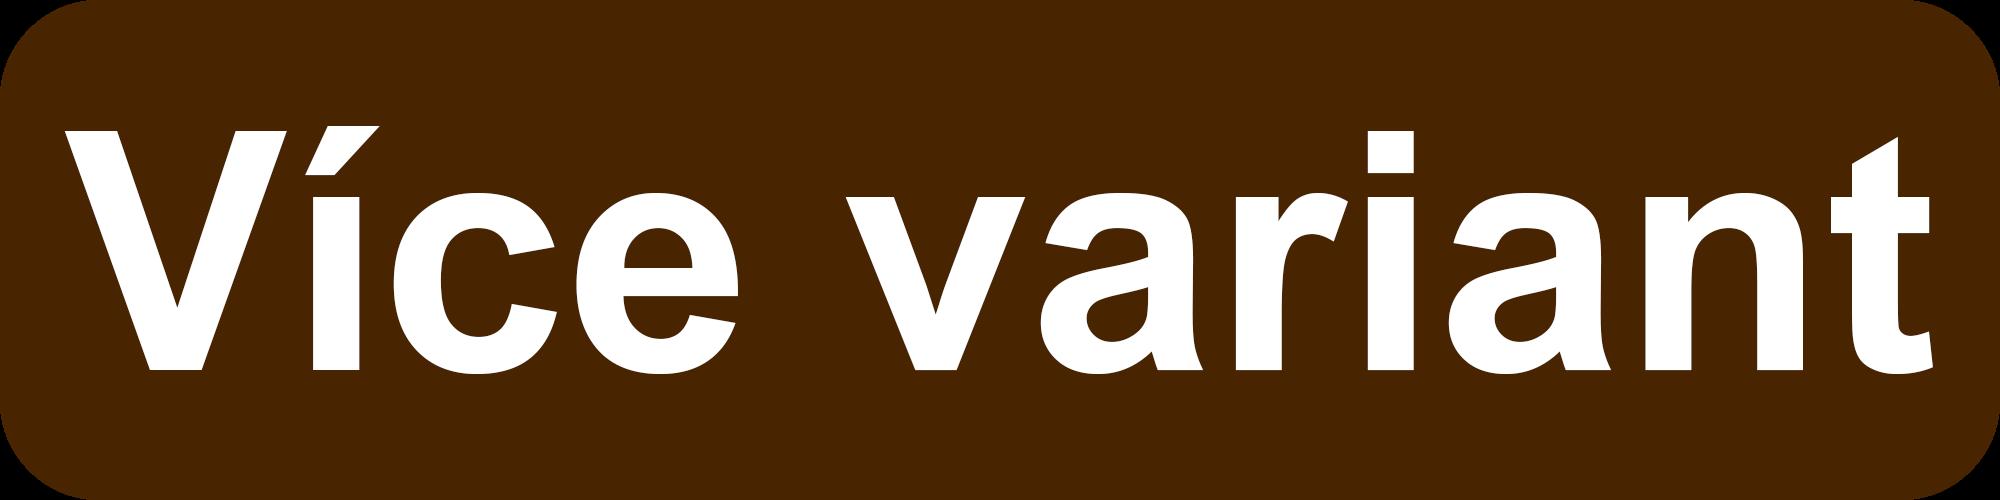 Více variant